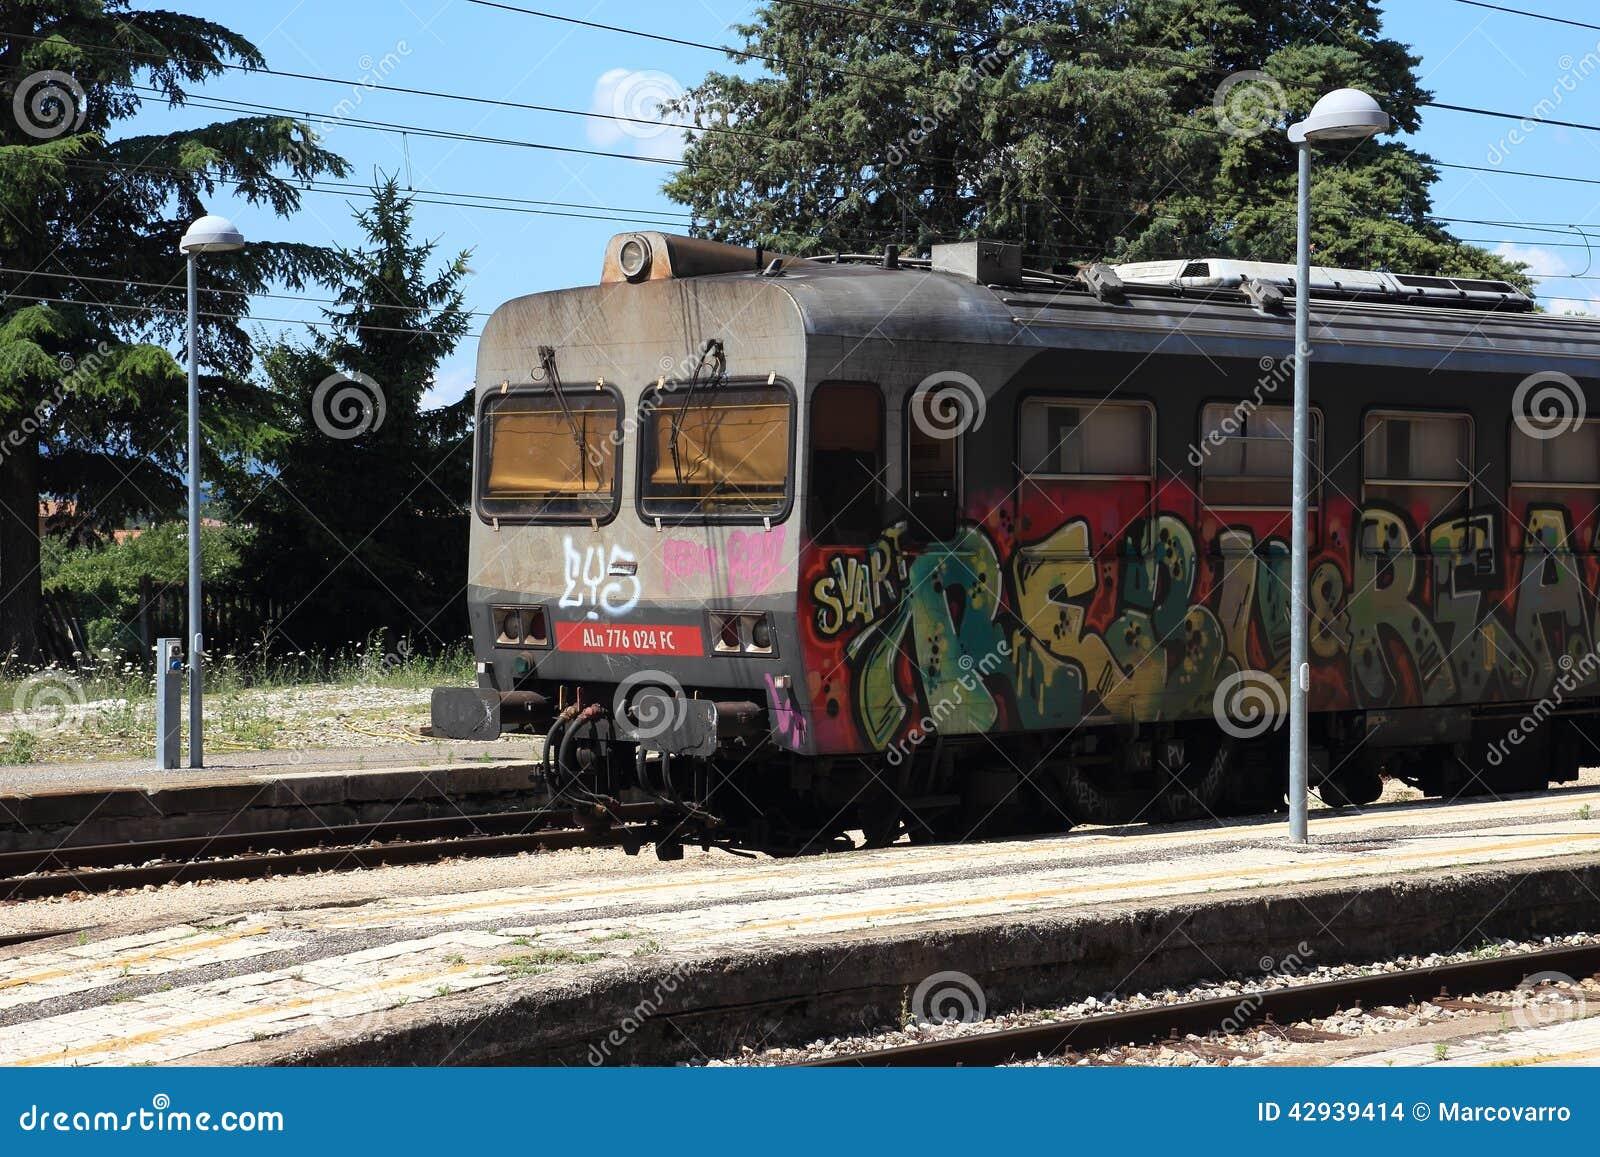 arezzo chiusi italy train - photo#9